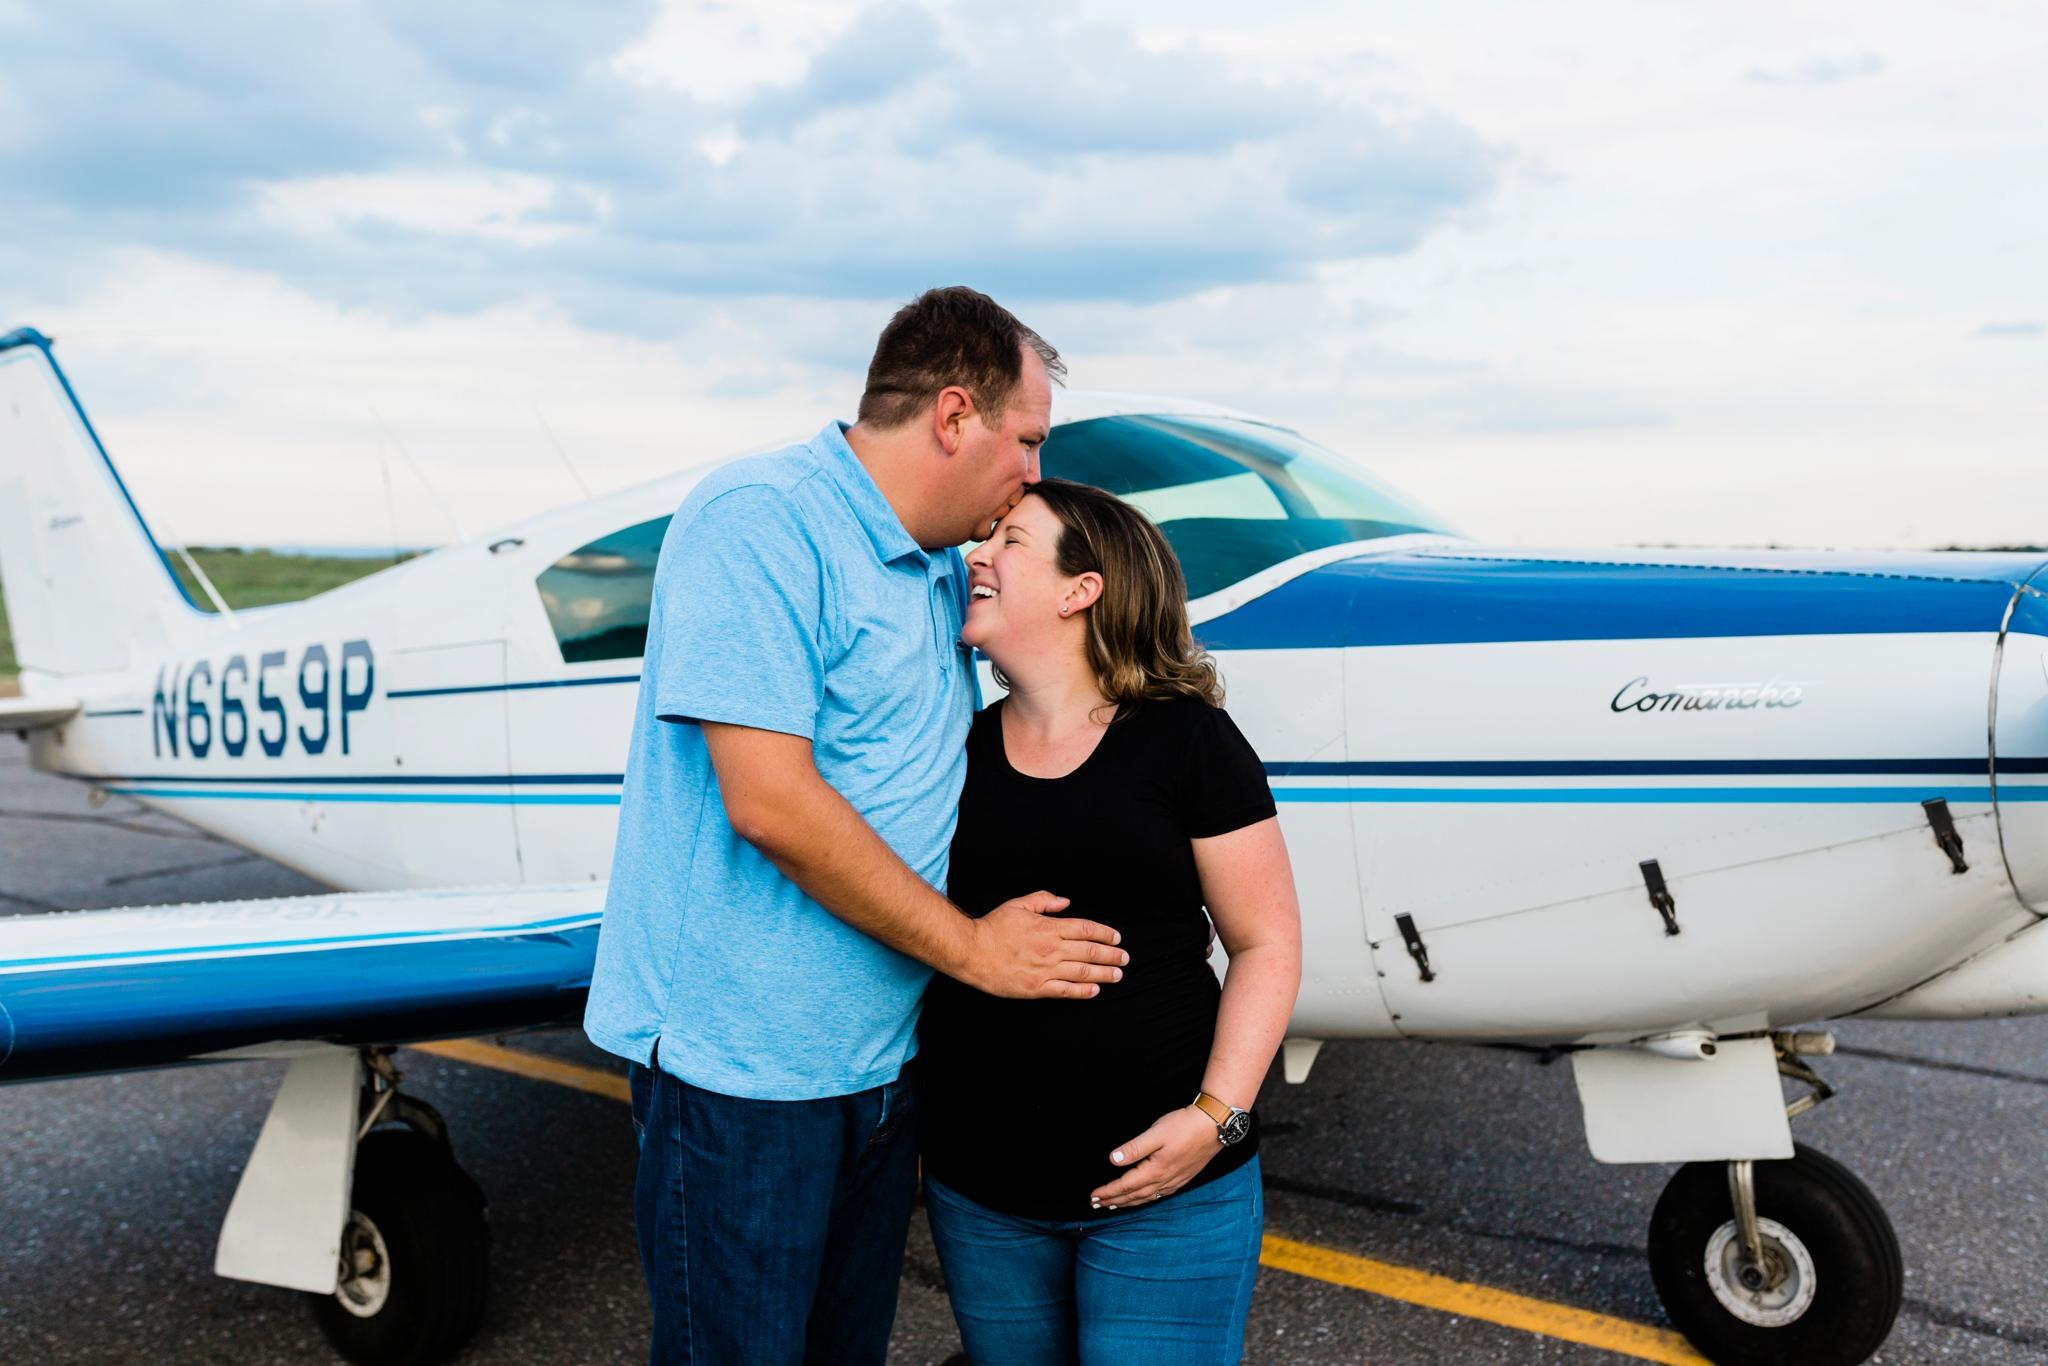 Emily Grace Photography, Lancaster PA Maternity Photographer, Lancaster Airport Maternity Photos, Lititz PA Maternity Photos, Airplane Maternity Photos